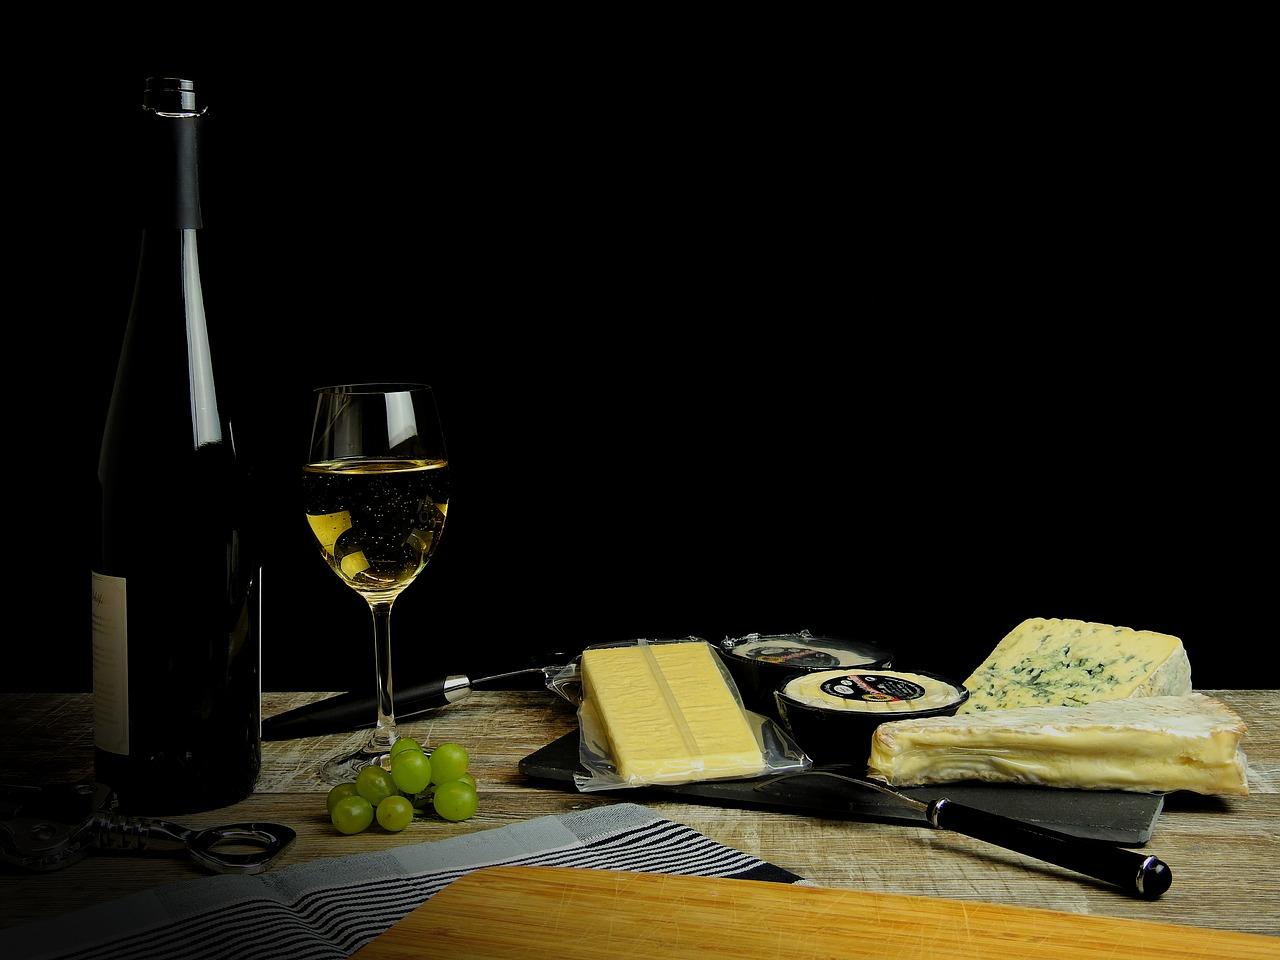 wine-2180278_1280